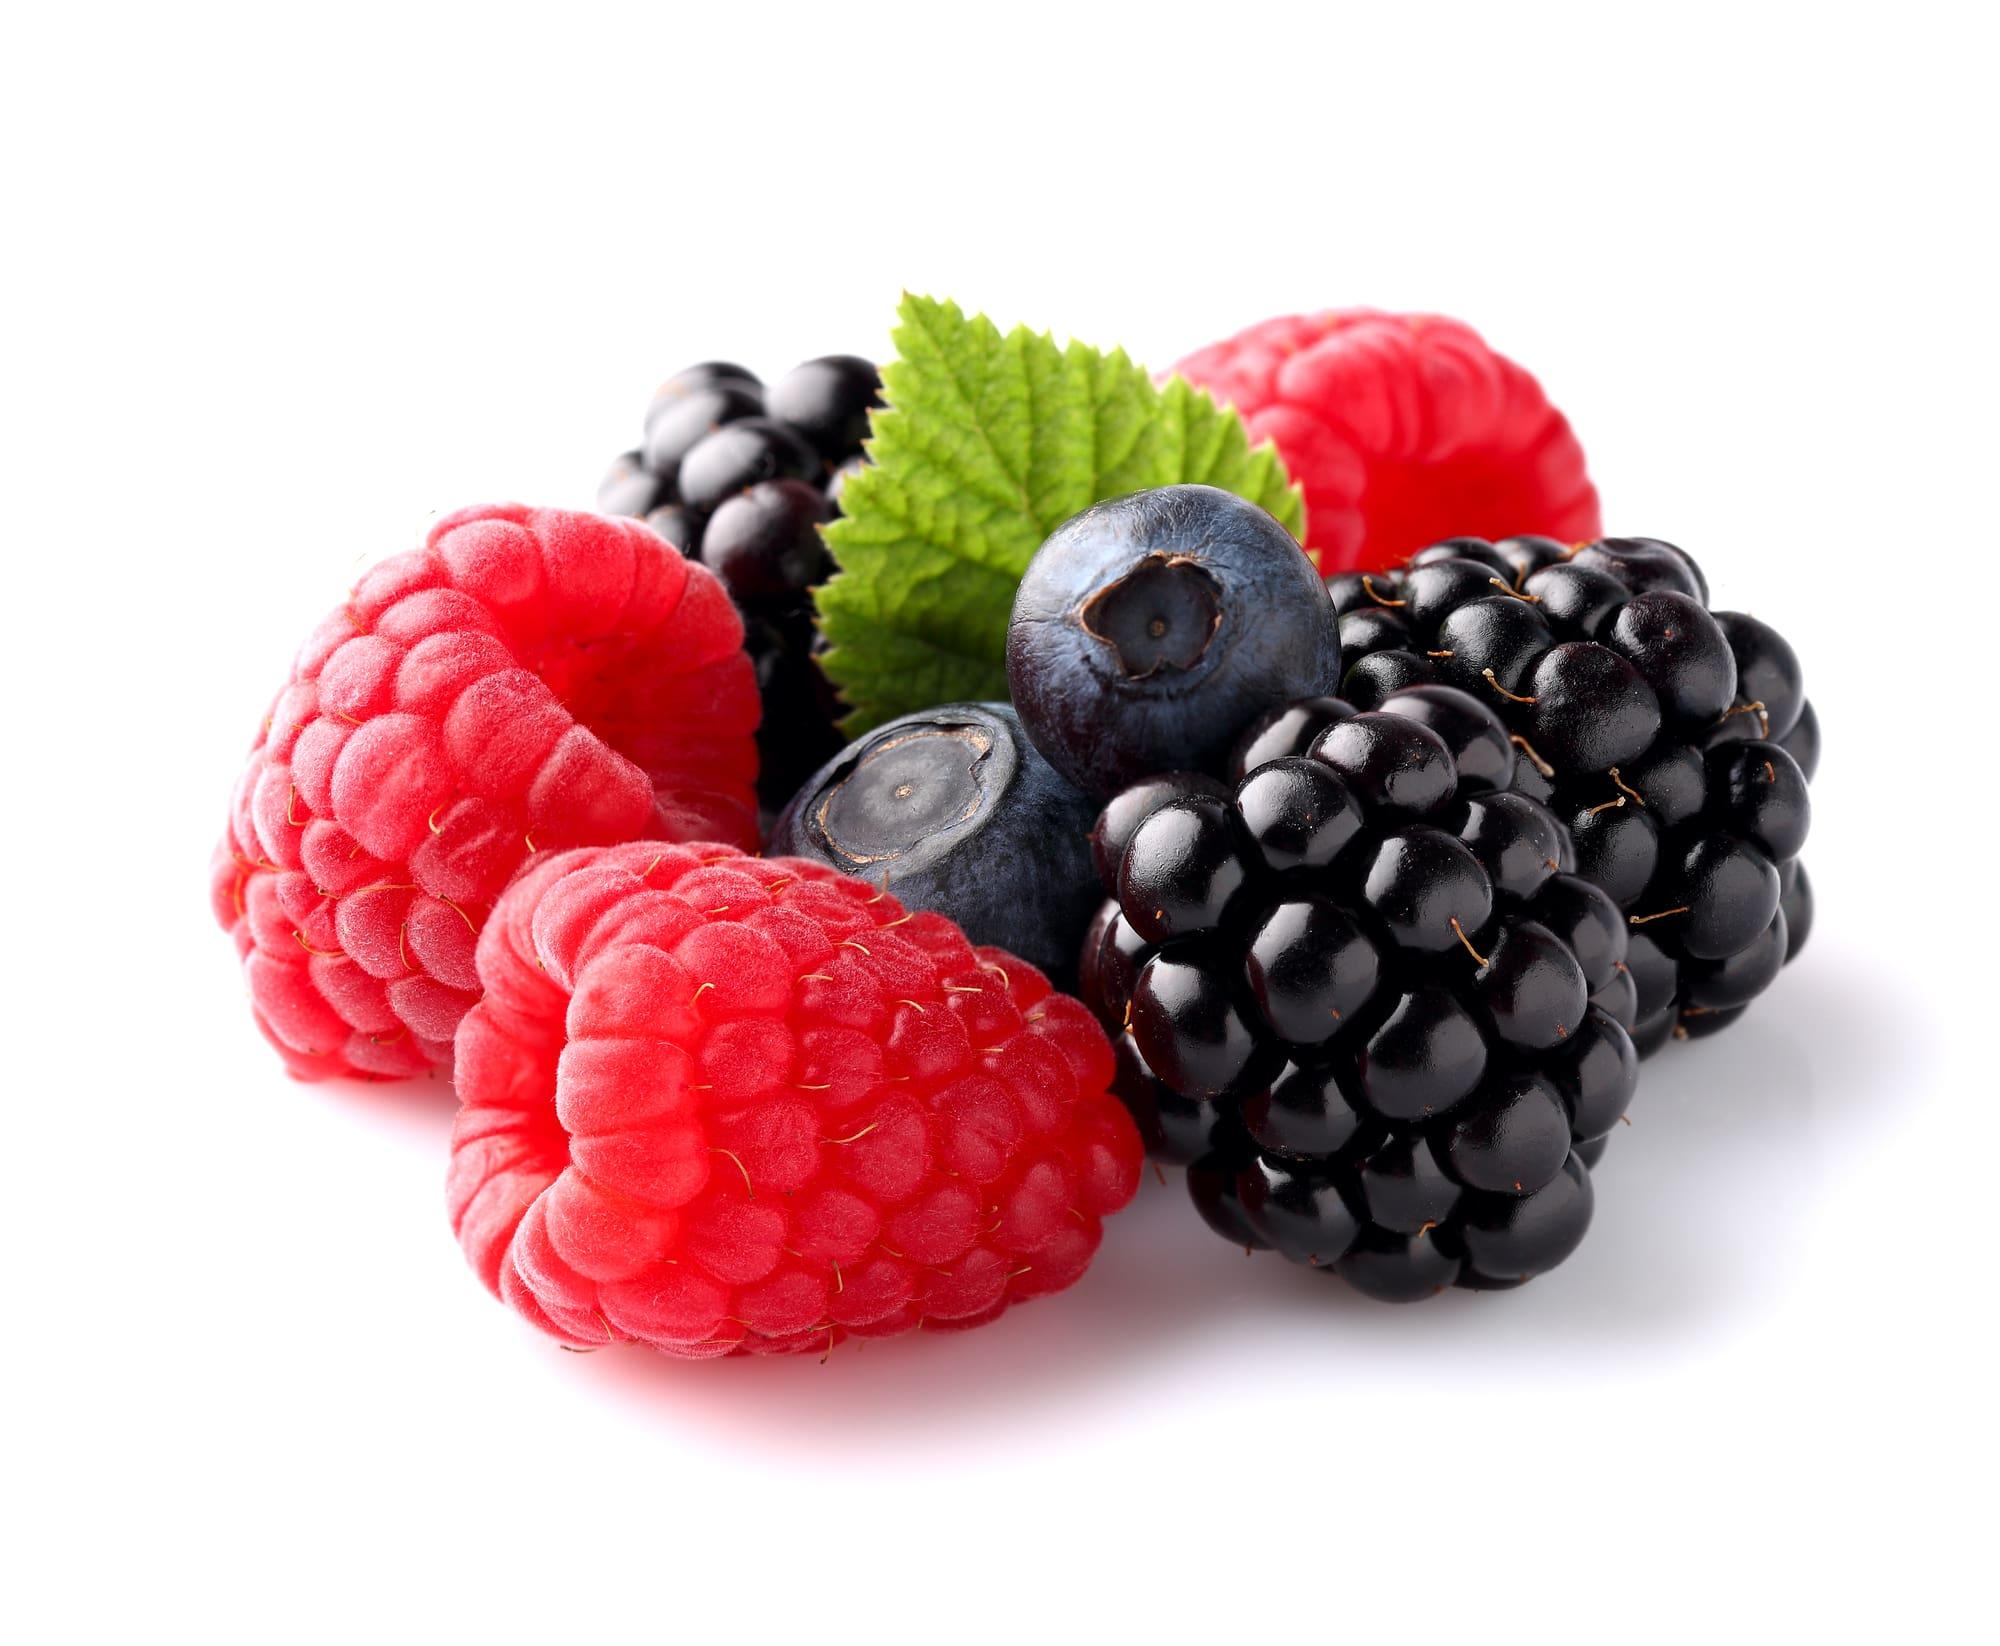 Darmgesundheit fördern durch Beeren das heimische Superfoods